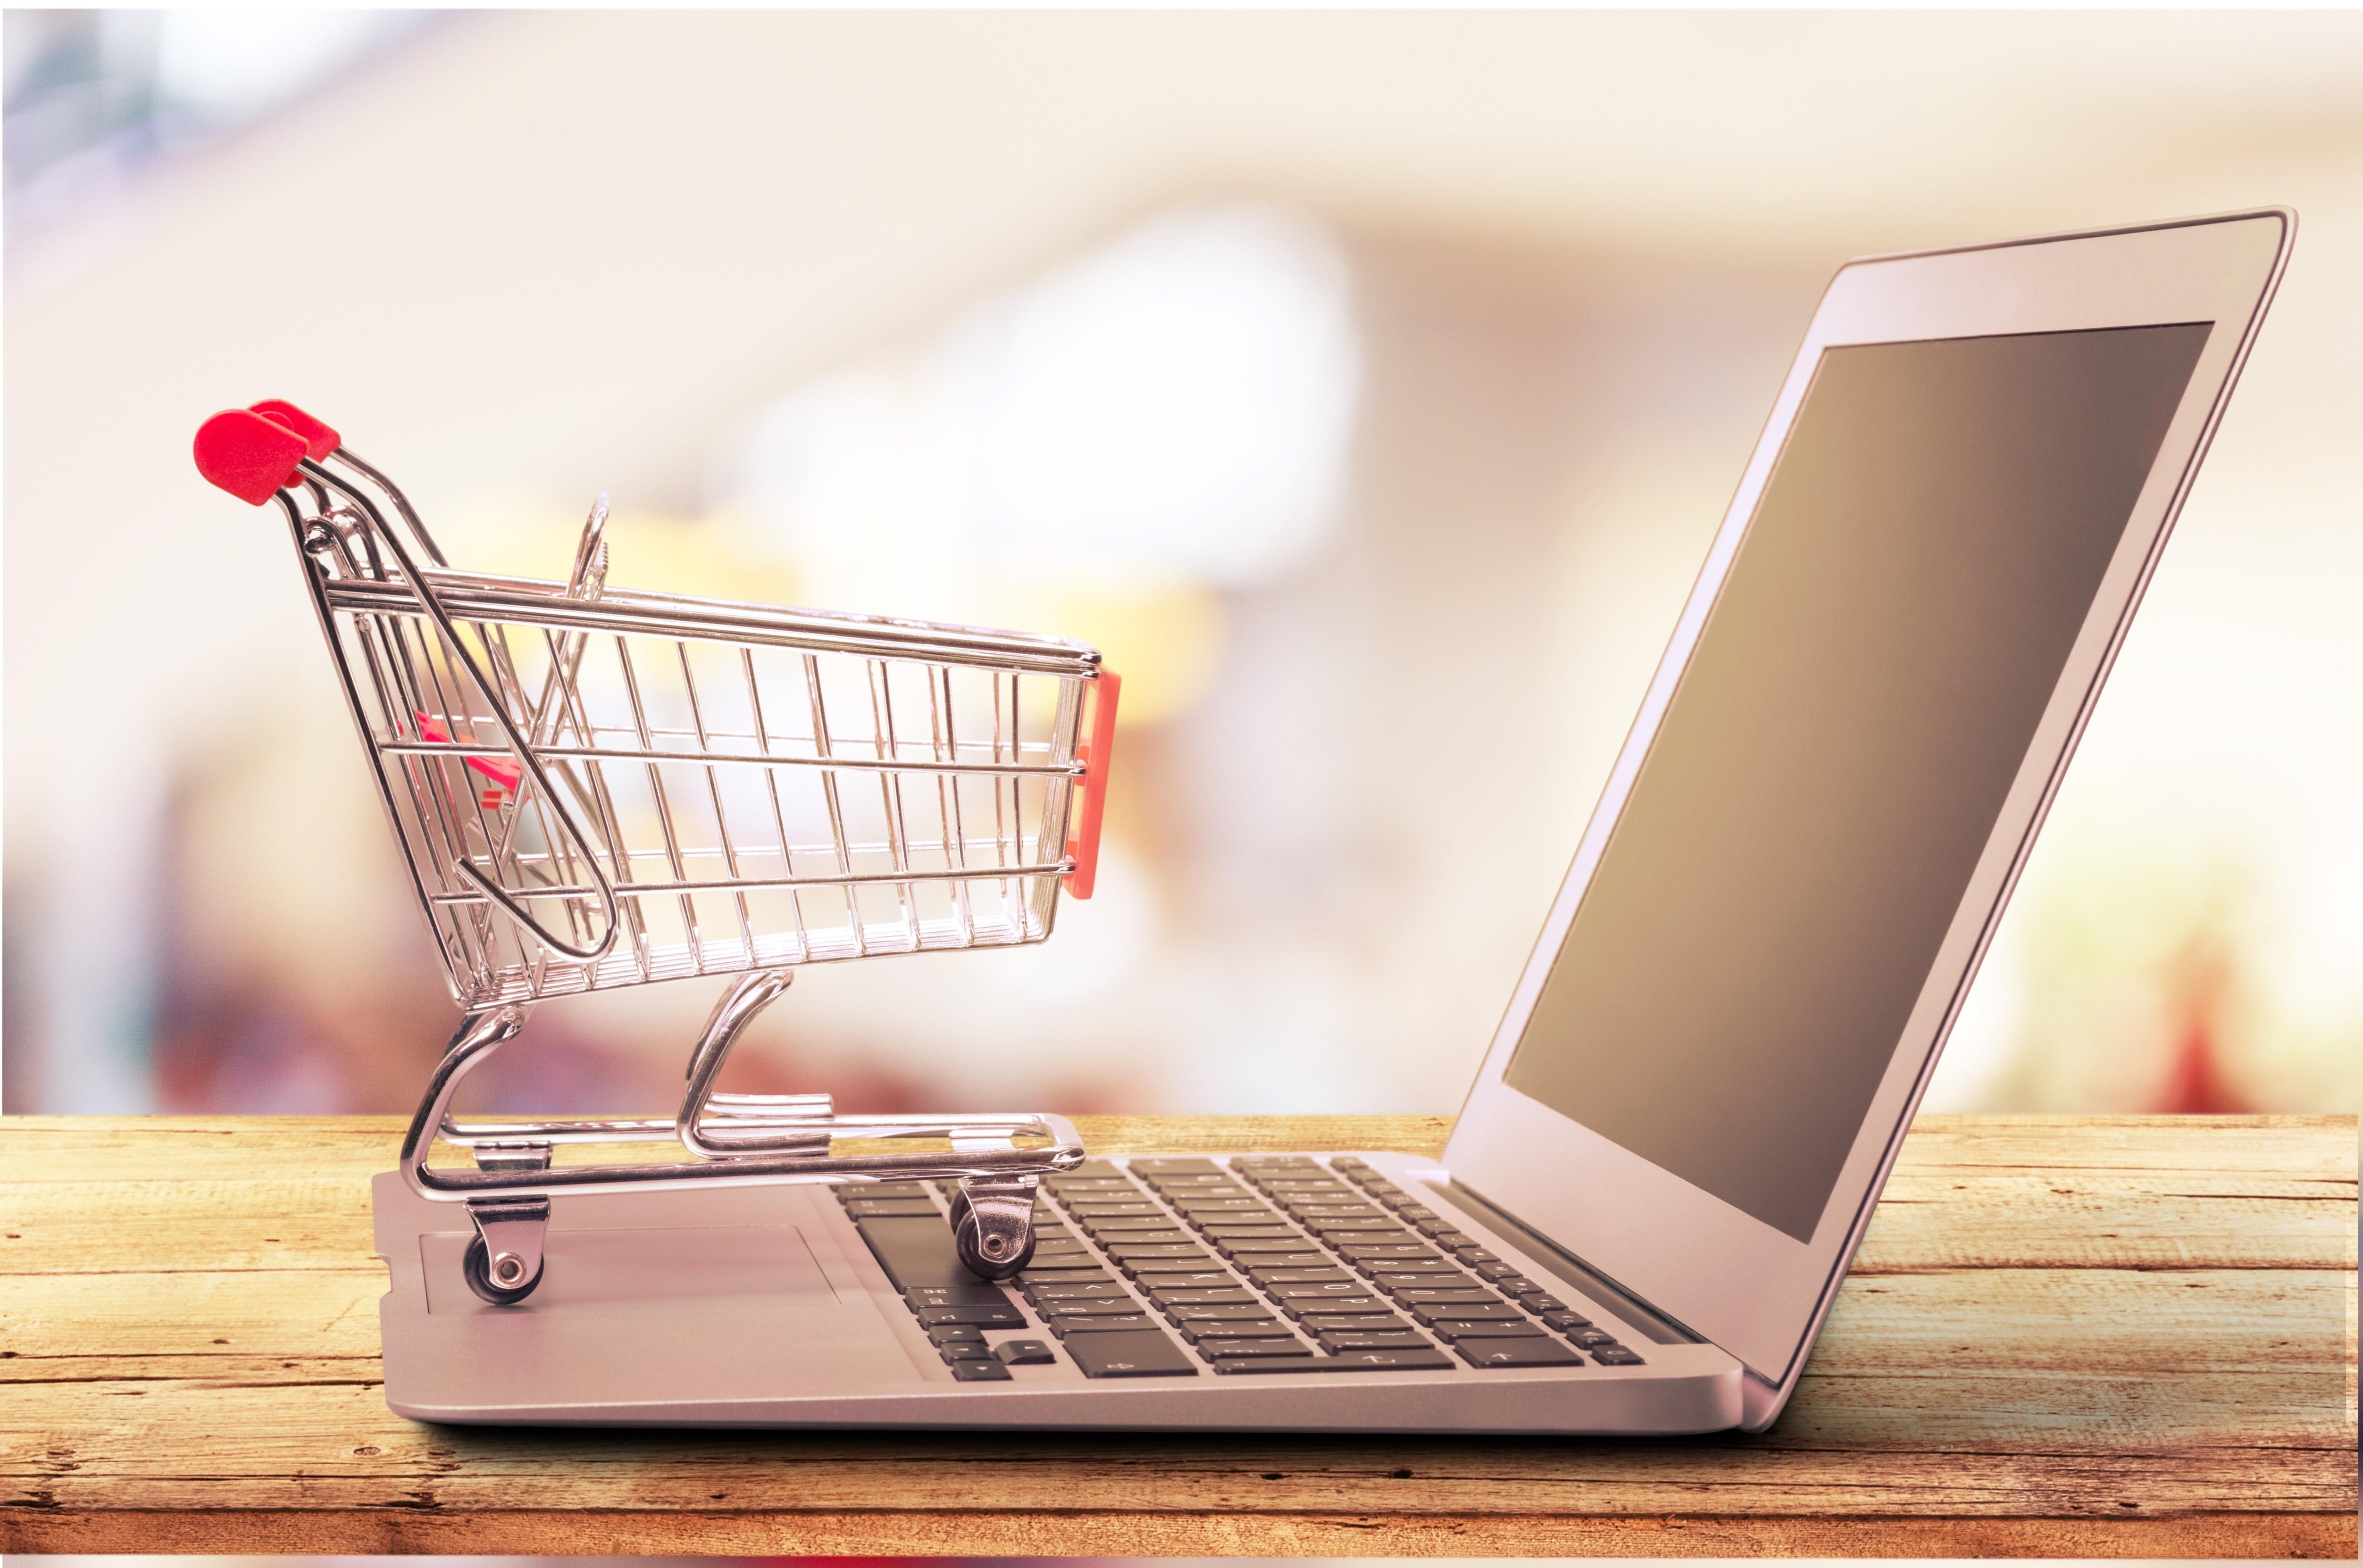 2019年最新!おすすめのネットショッピング5選をご紹介します